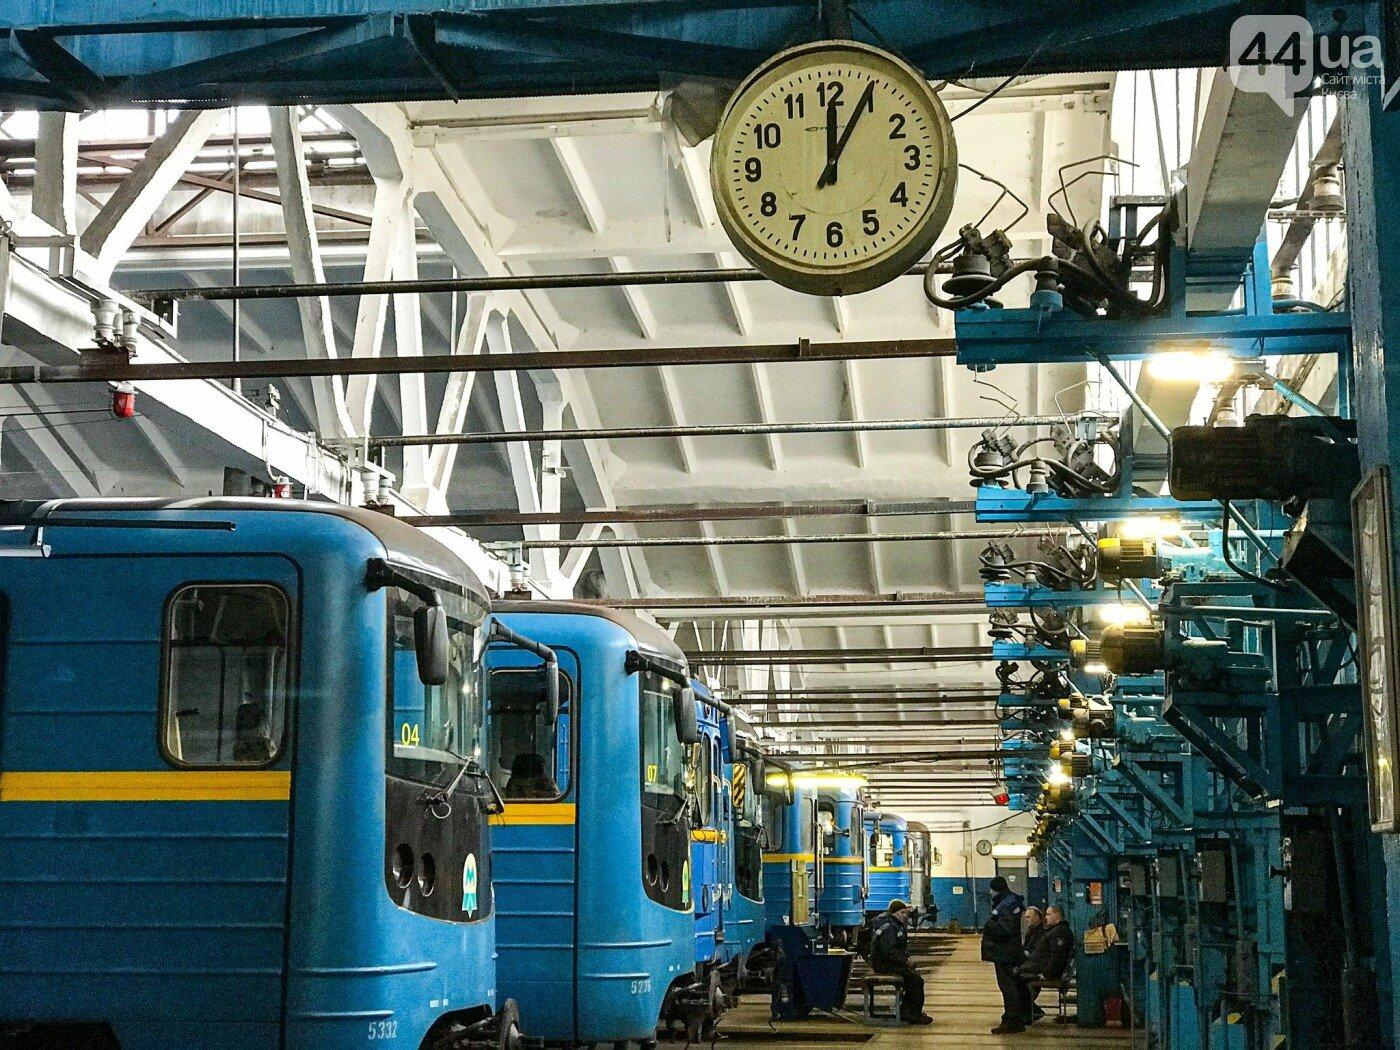 ТОП-15 вопросов о Киевском метрополитене, которые вы хотели задать, - ФОТО, Фото: 44.ua